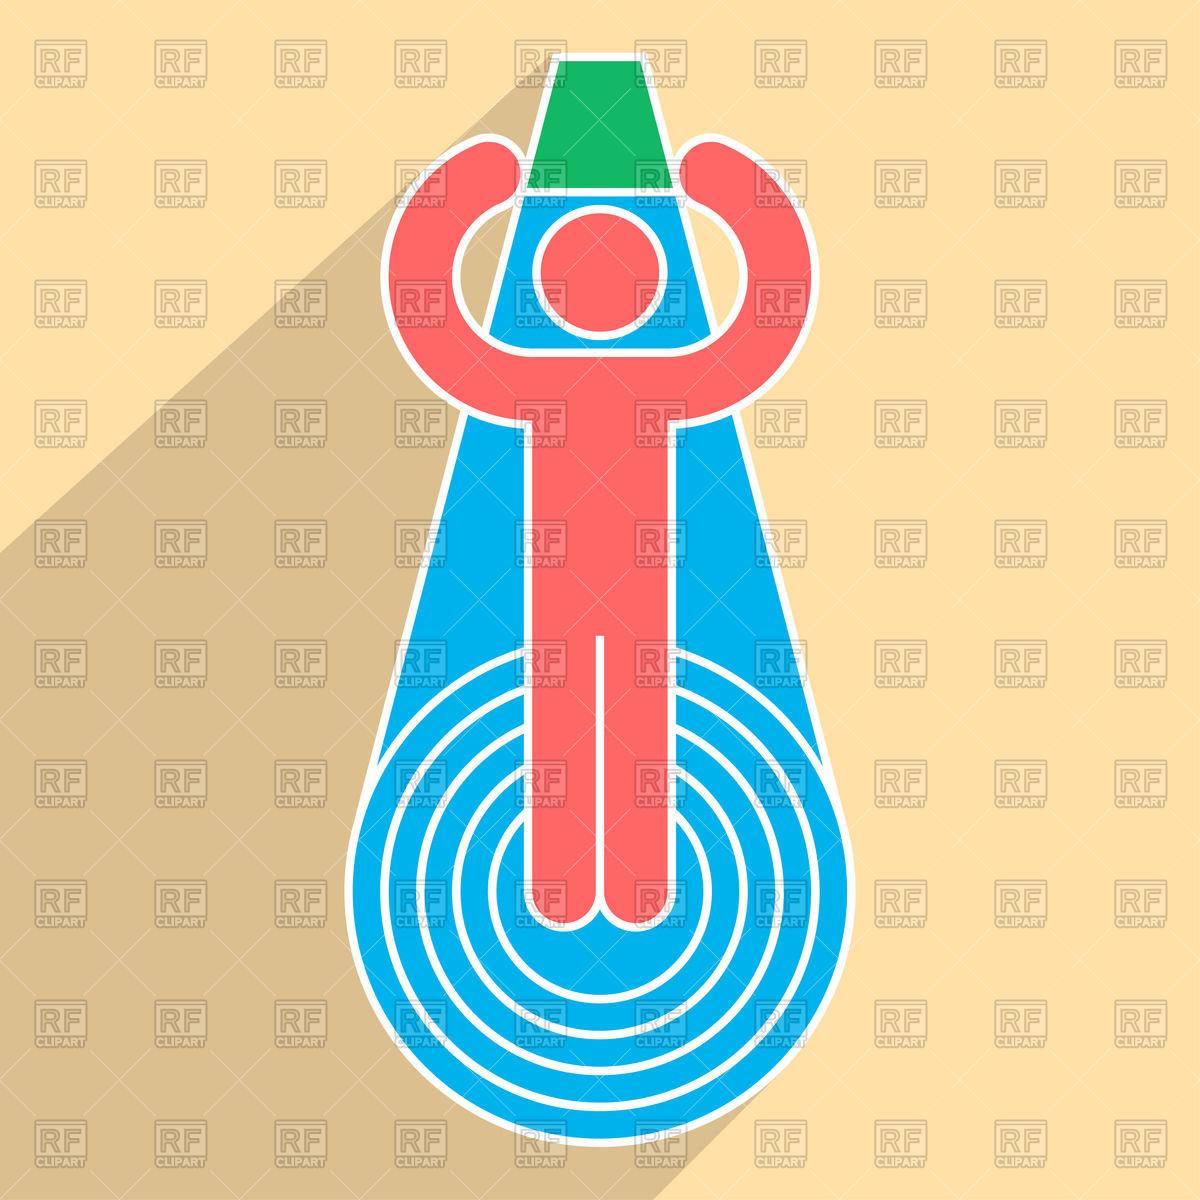 1200x1200 Als Ice Bucket Challenge Pictogram Vector Image Vector Artwork